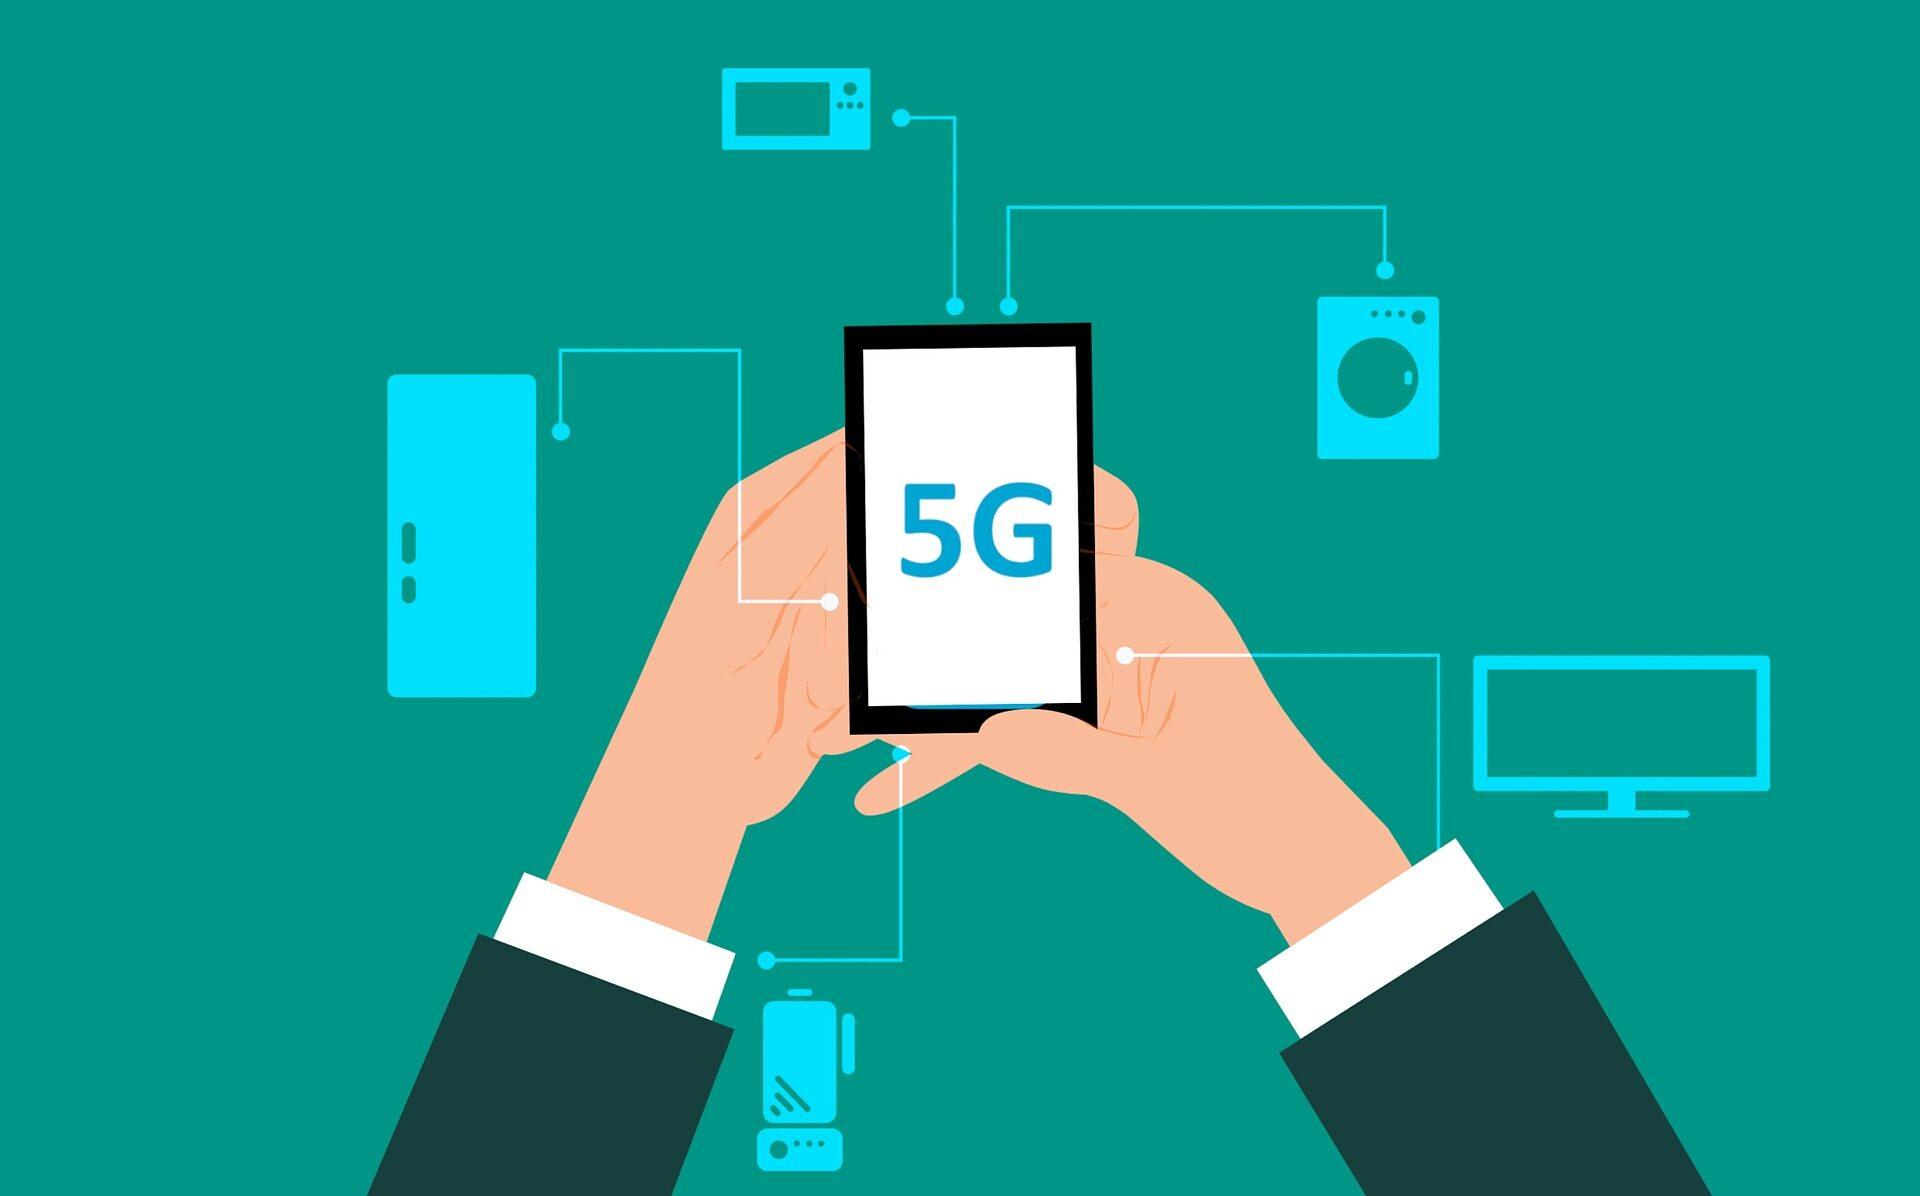 运营商明确SA架构,5G对开发者的真正意义和改变是什么?